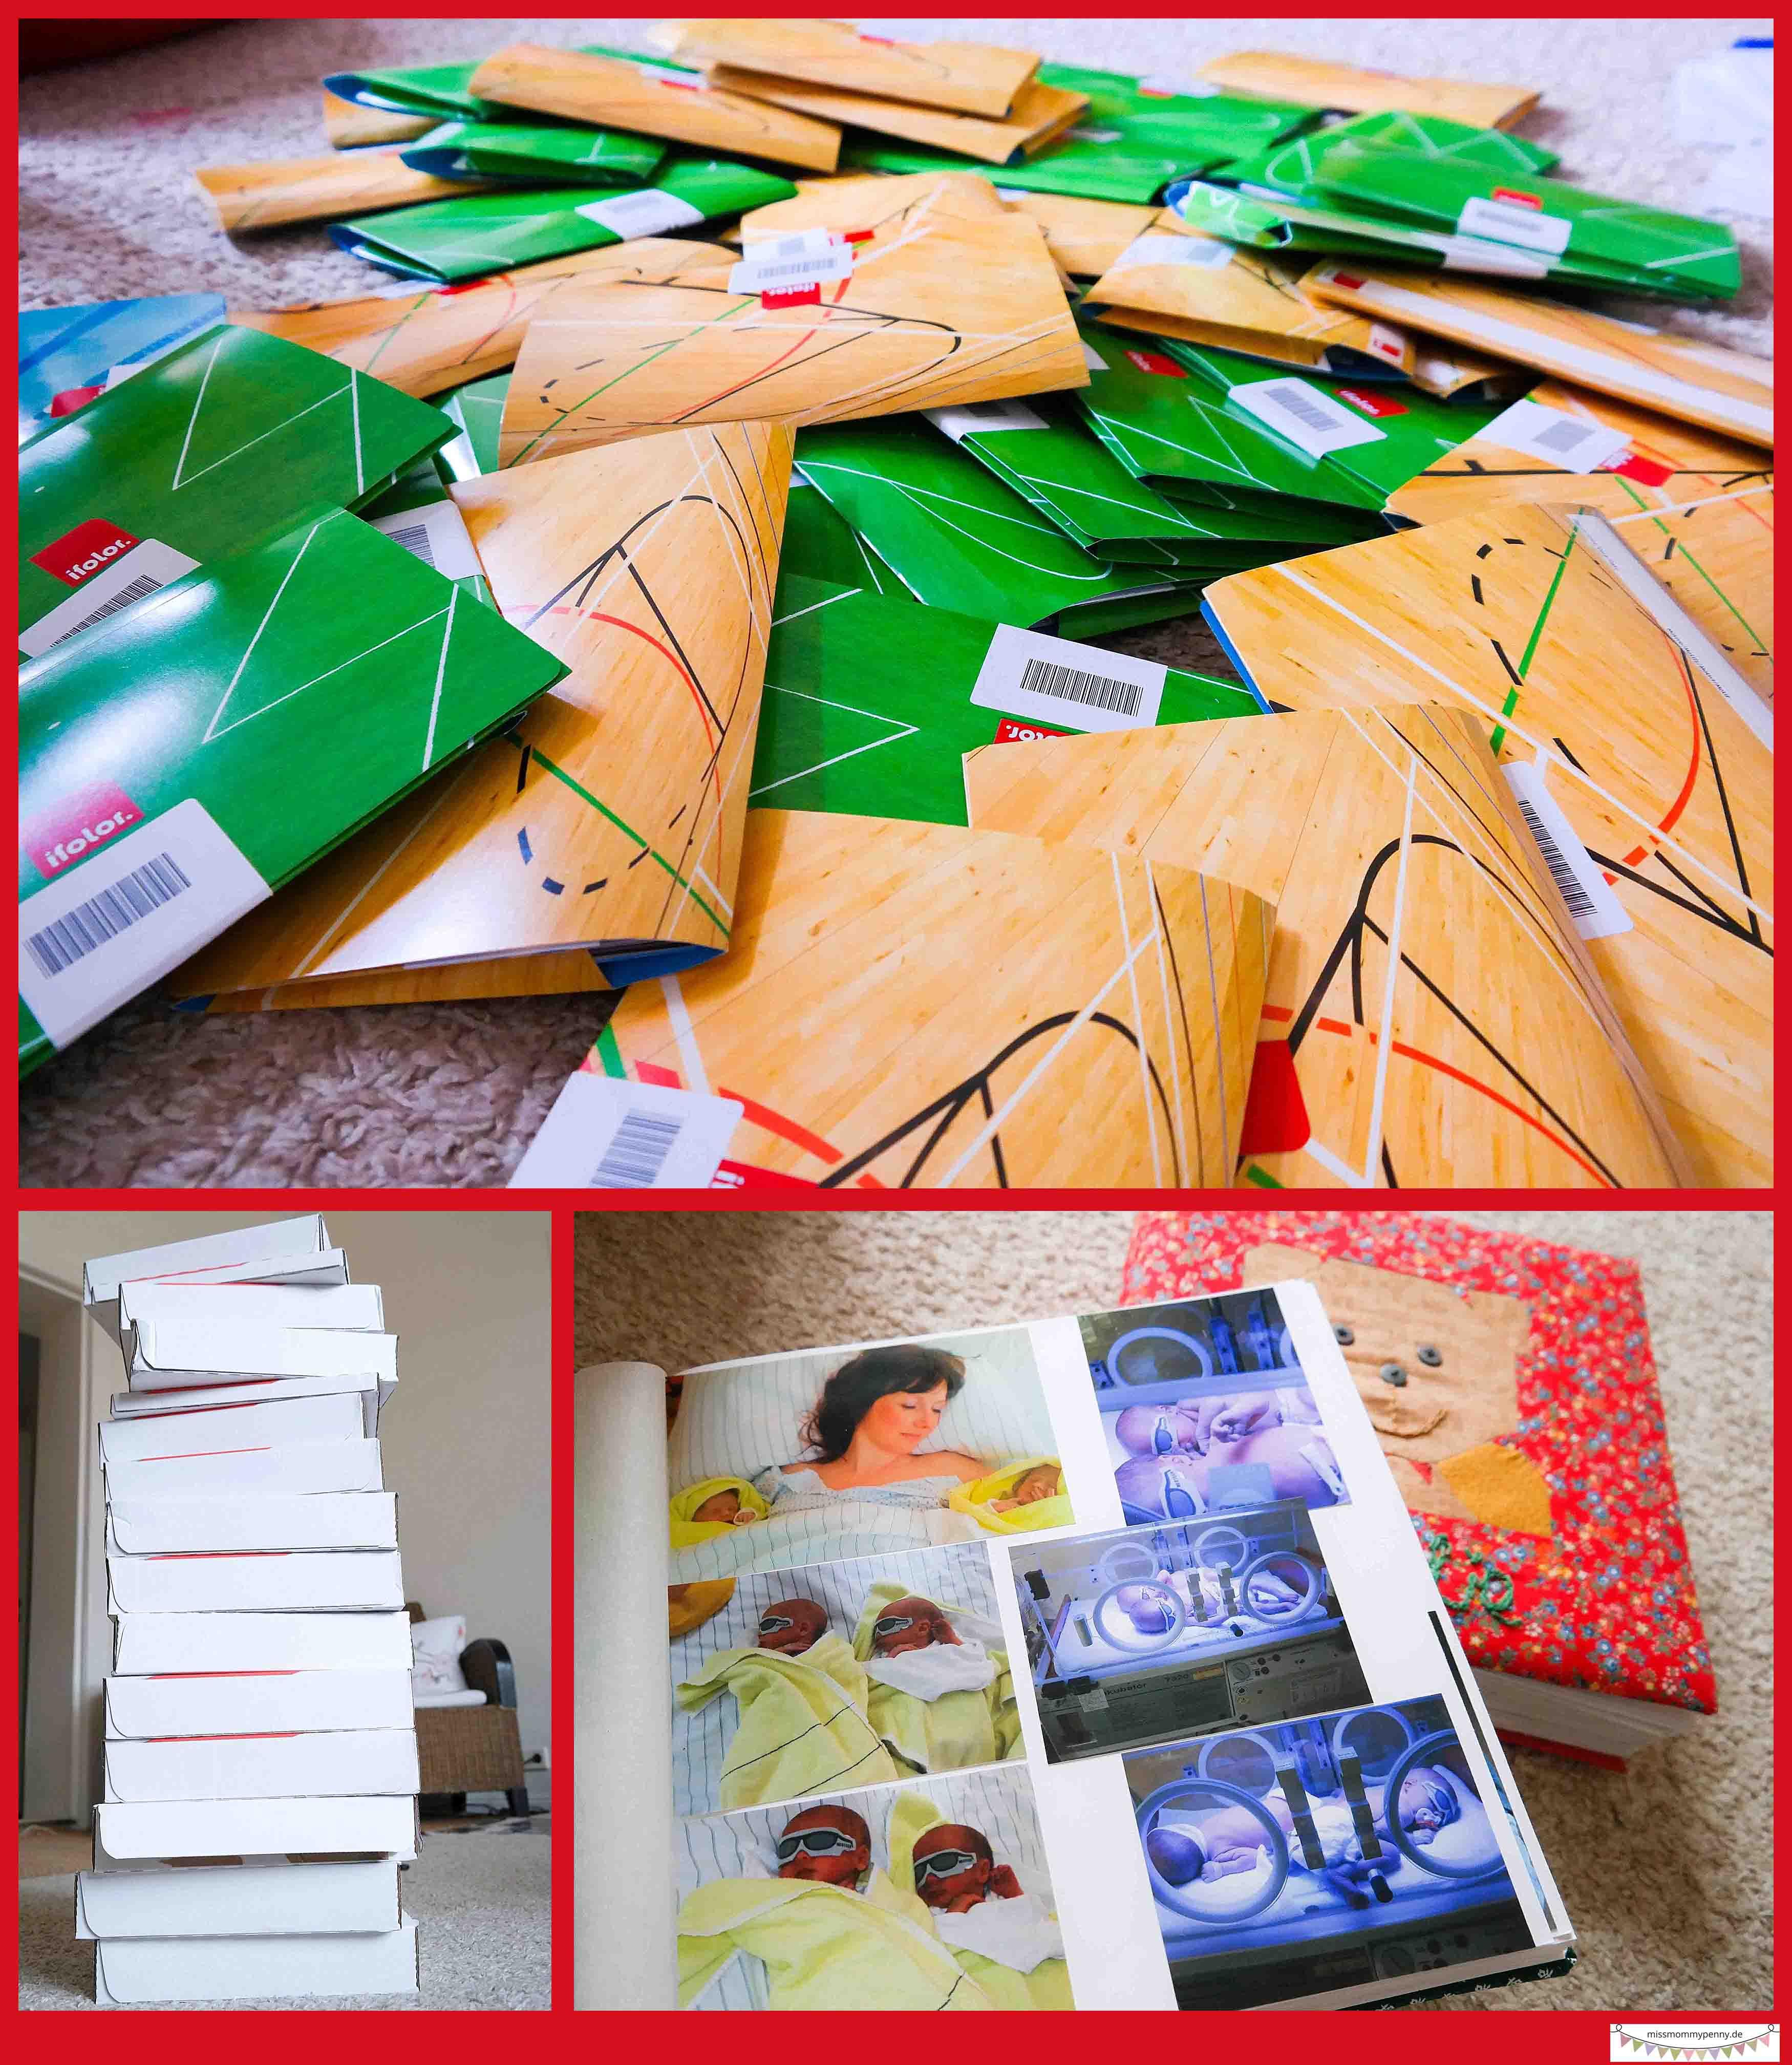 ifolor - Digitale Fotos ausdrucken und Kinderfotoalben erstellen